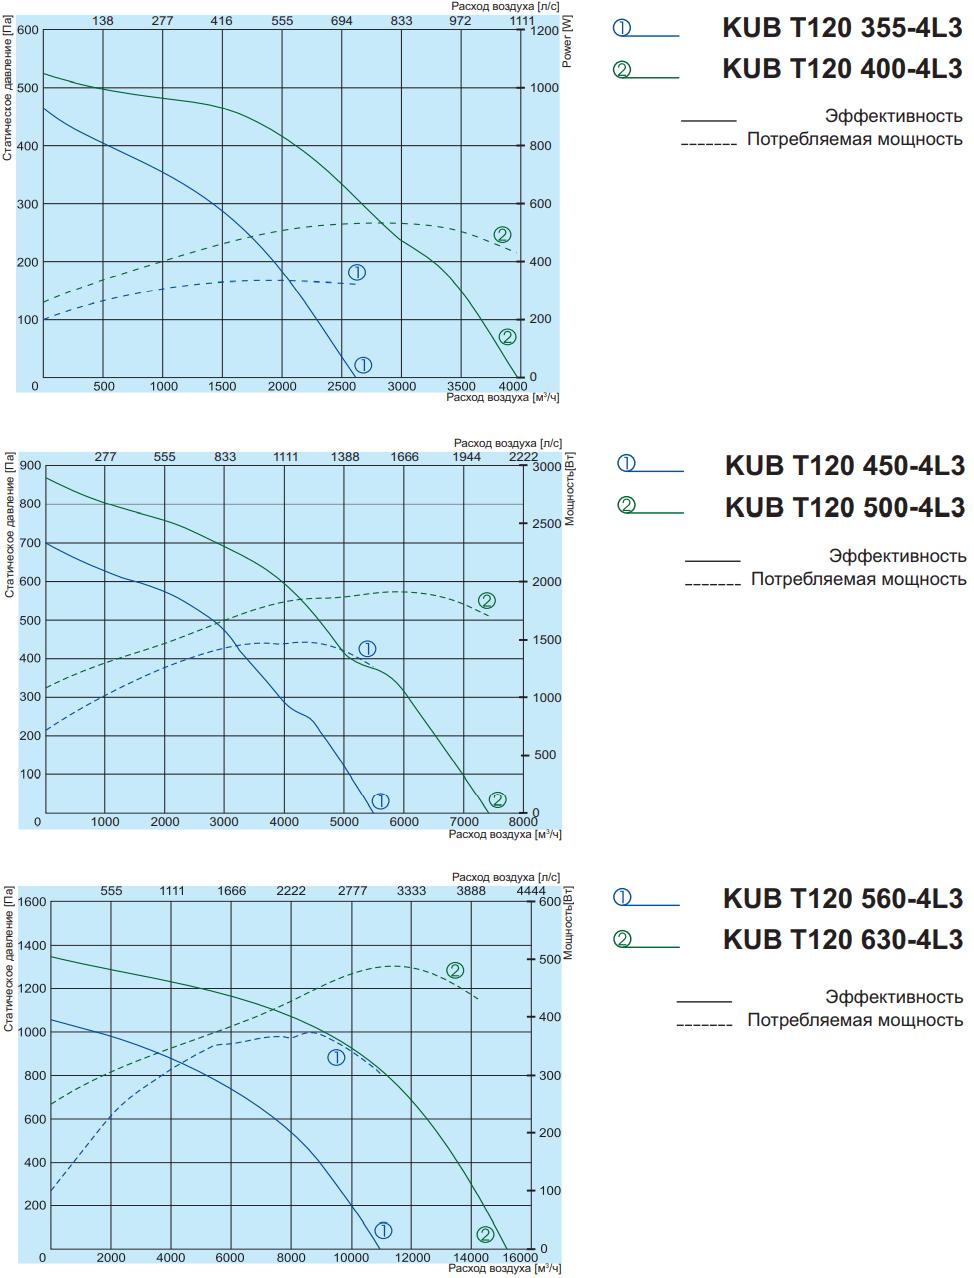 Кухонный вентилятор Salda KUB T120 - Аэродинамические характеристики